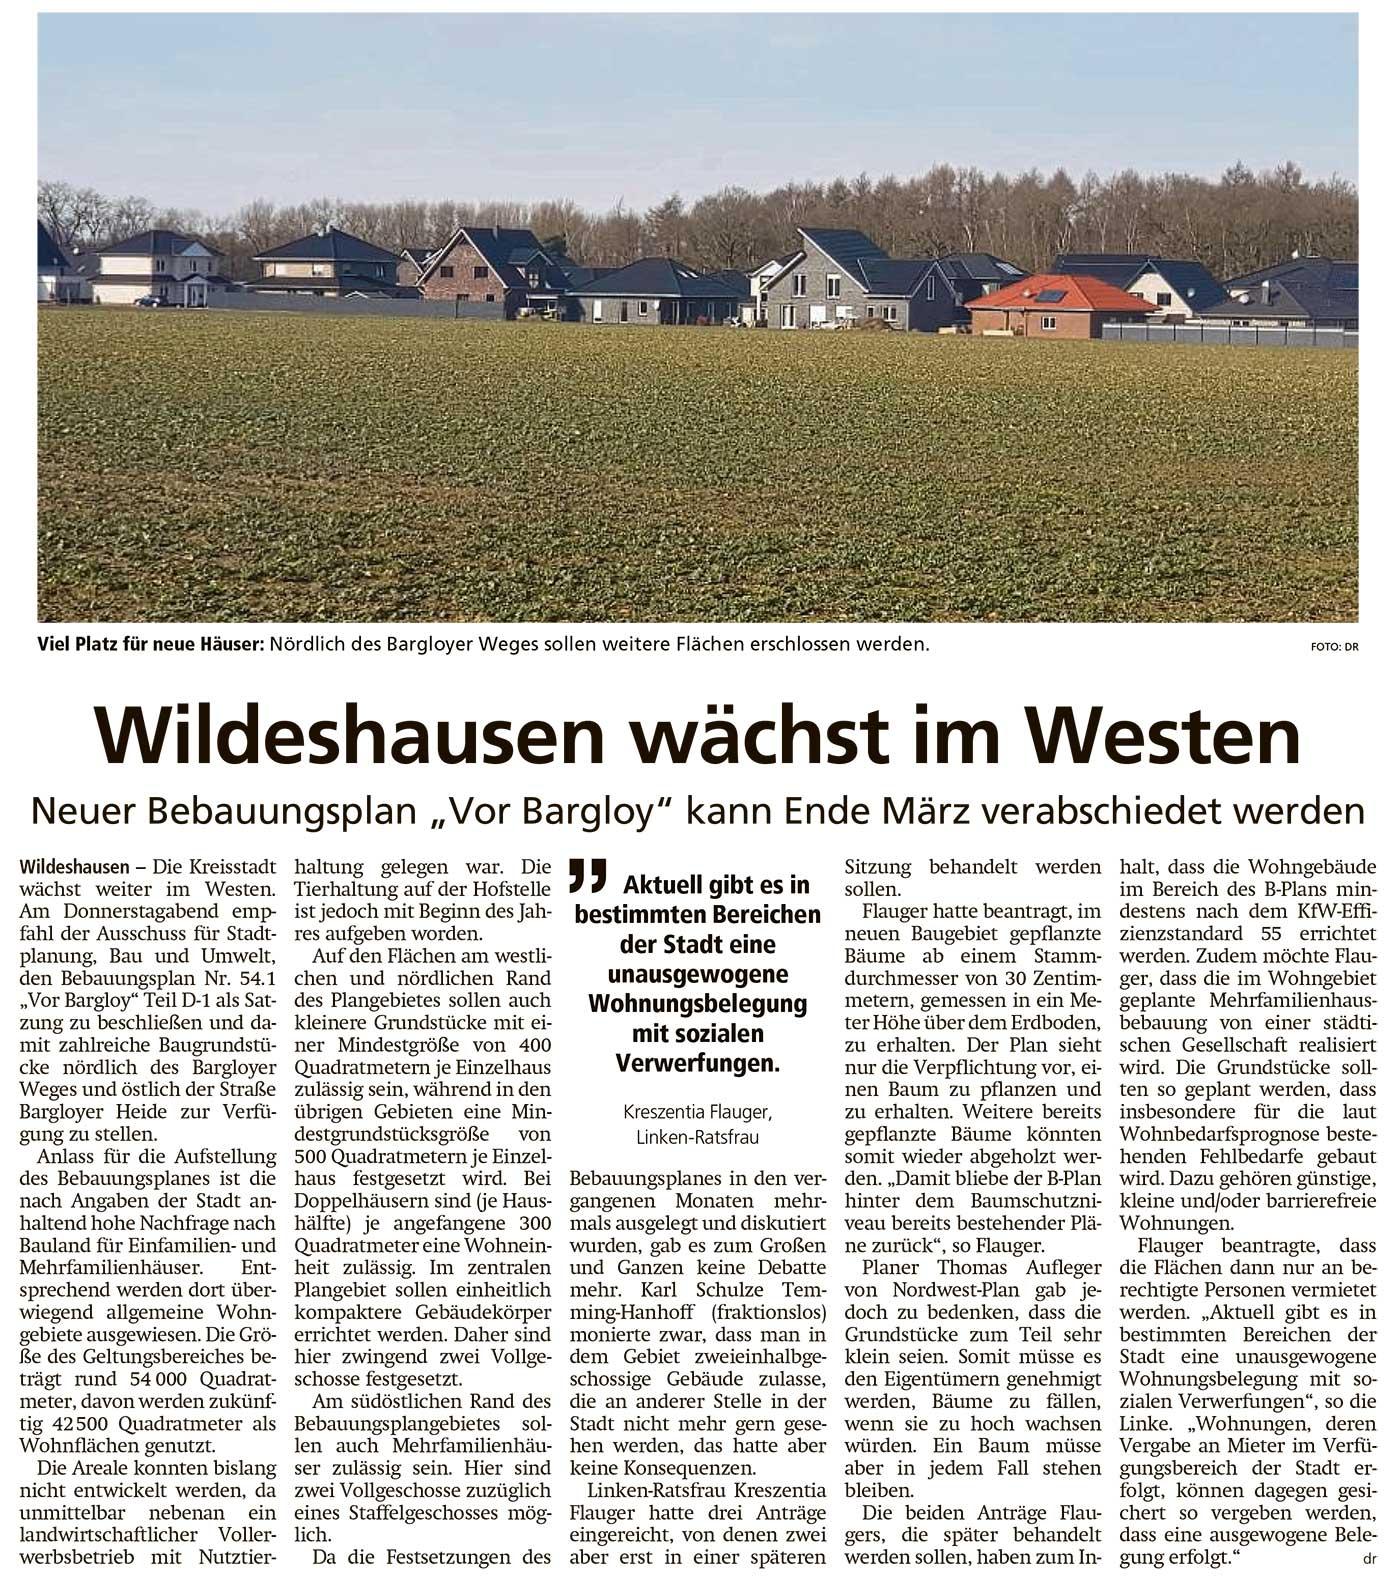 Wildeshausen wächst im WestenNeuer Bebauungsplan 'Vor Bargloy' kann Ende März verabschiedet werdenArtikel vom 27.02.2021 (WZ)